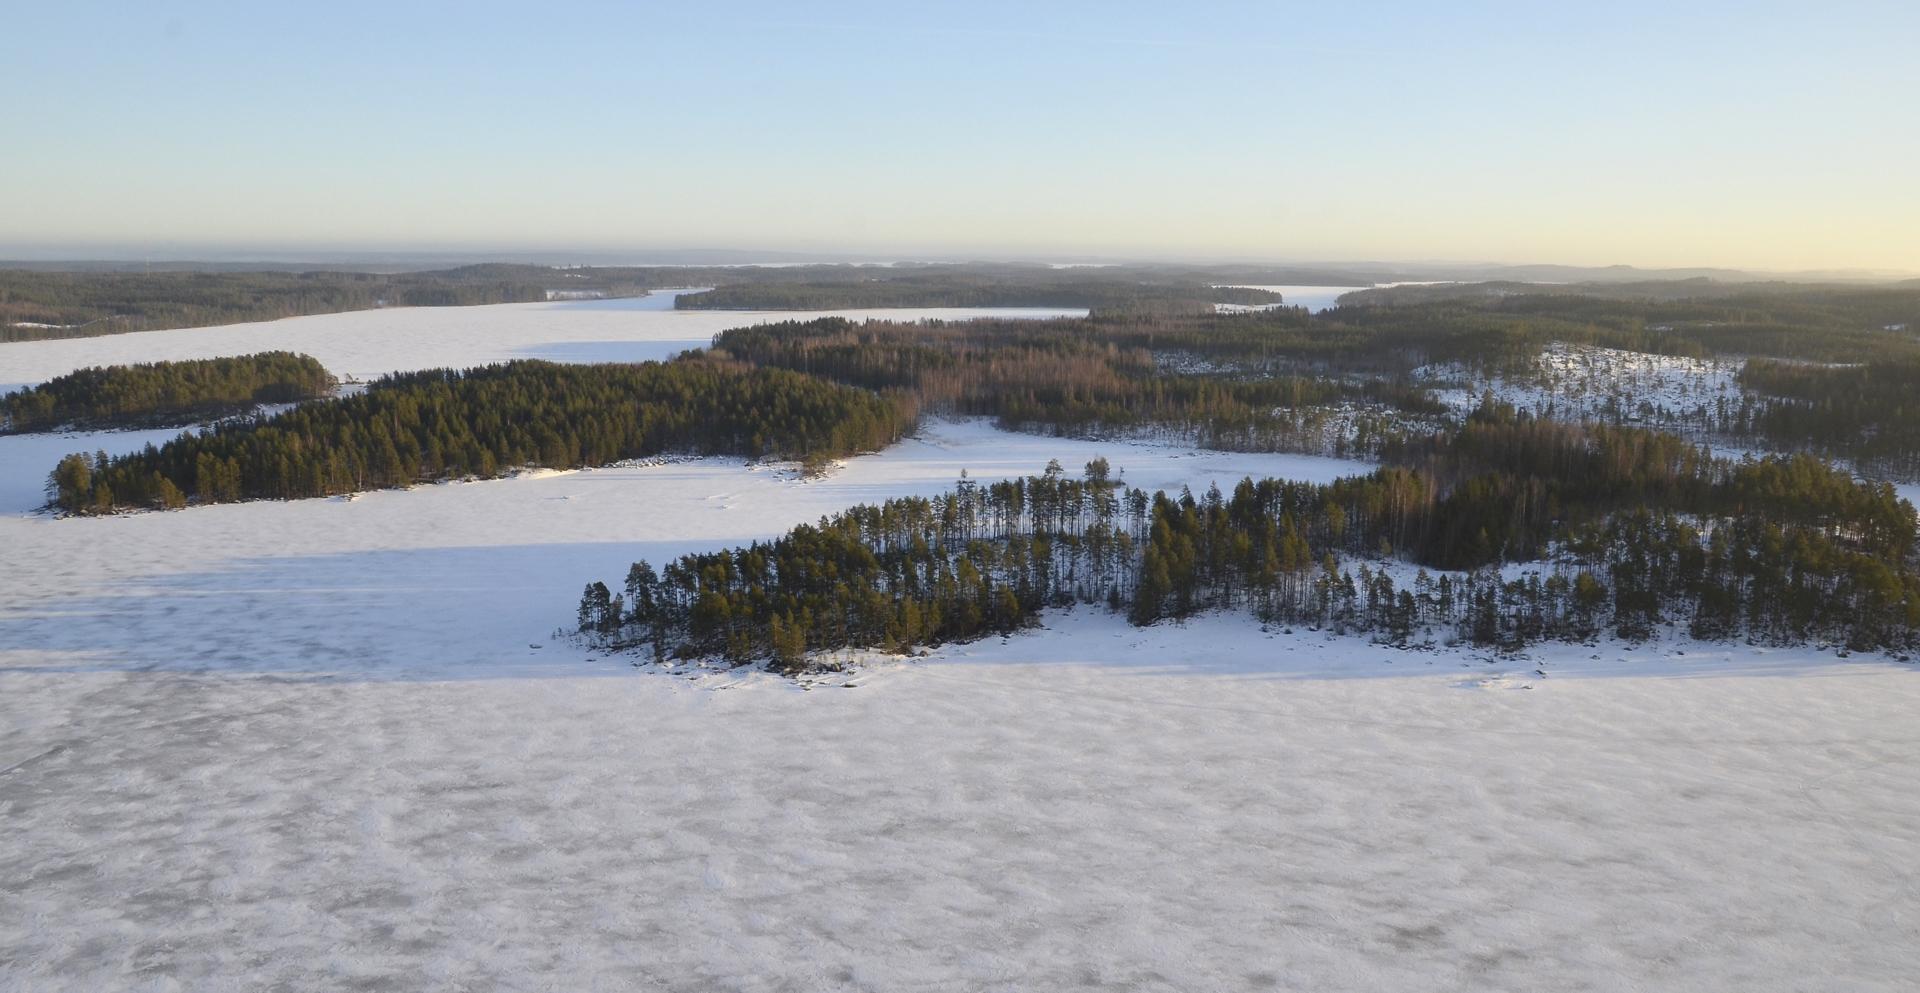 Kun oli makkarat ja kahvit tankattu, lähdettiin palaamaan Pasalaan. Lähimpänä Lehtoniemi, vasemmalla Houninlahti ja Houninniemi.